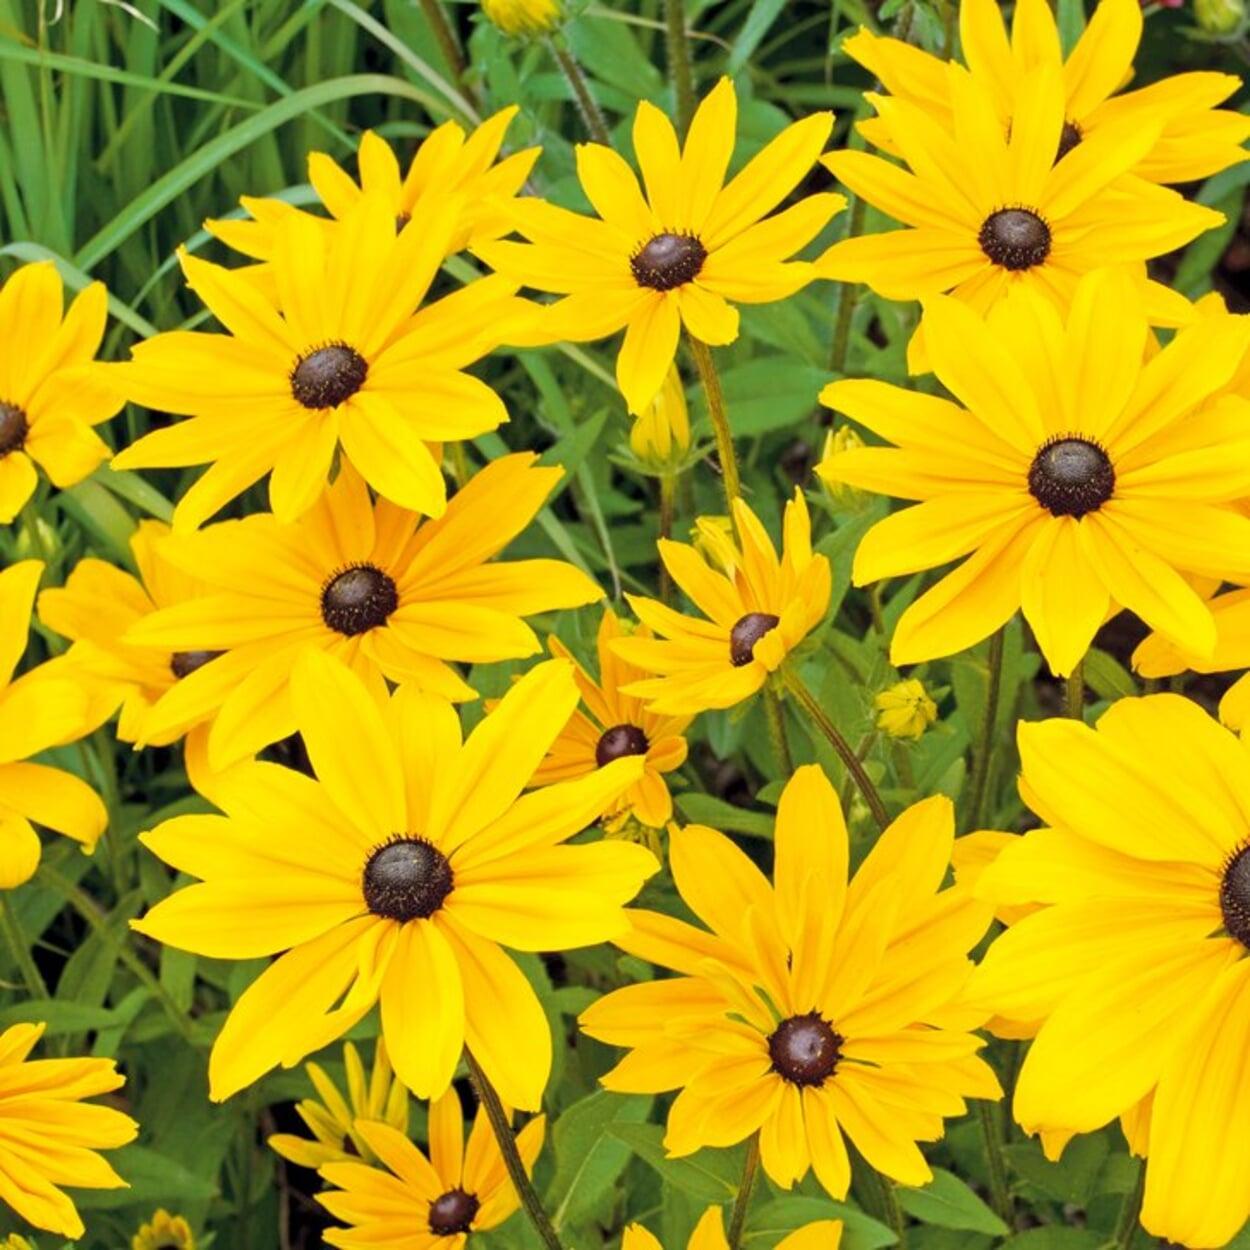 Niedrige Sonnenhut-Sorten sind gut für die Pflanzung in Gefäße geeignet